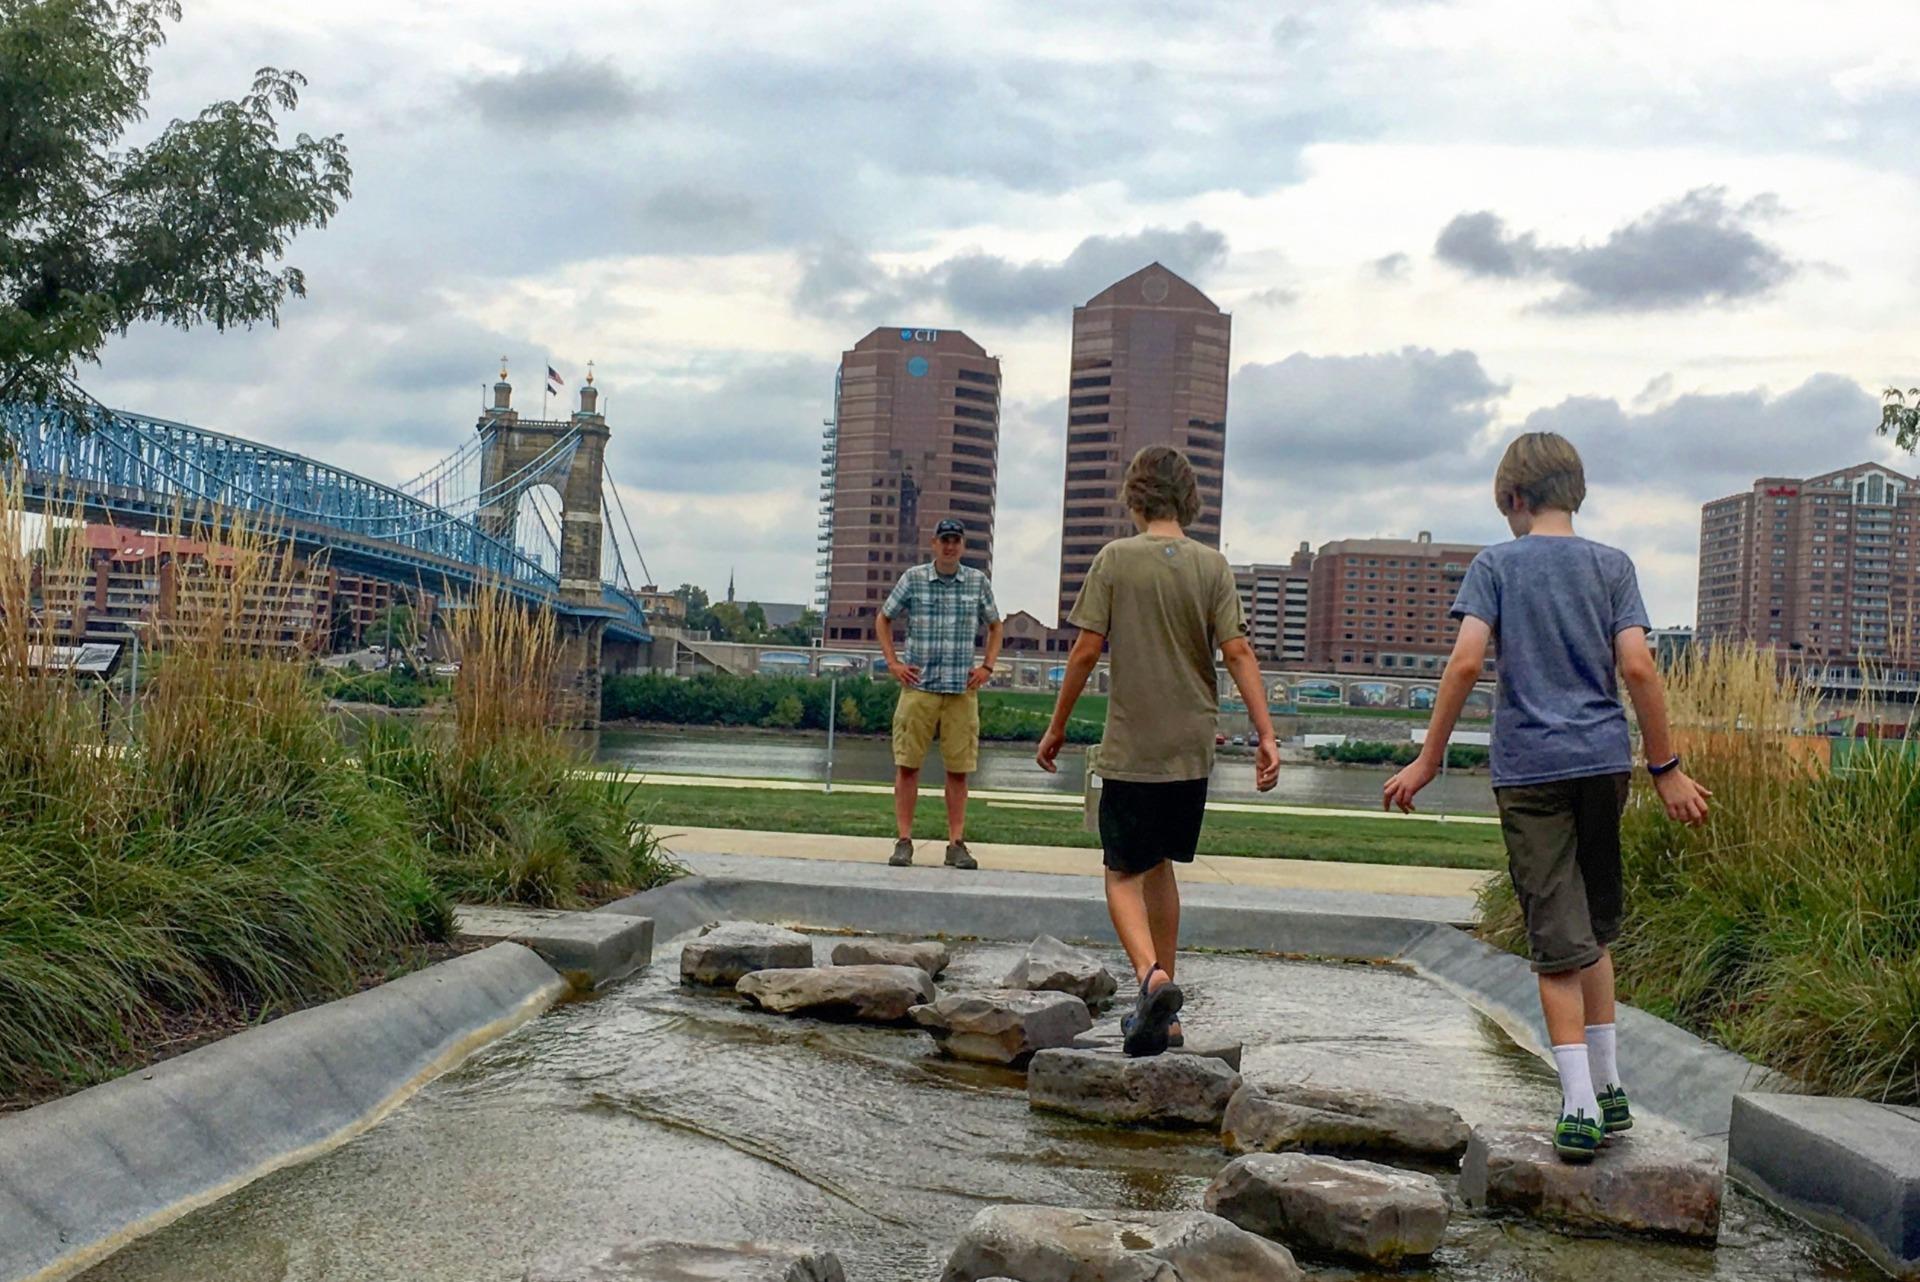 Cincinnati's Riverfront Park